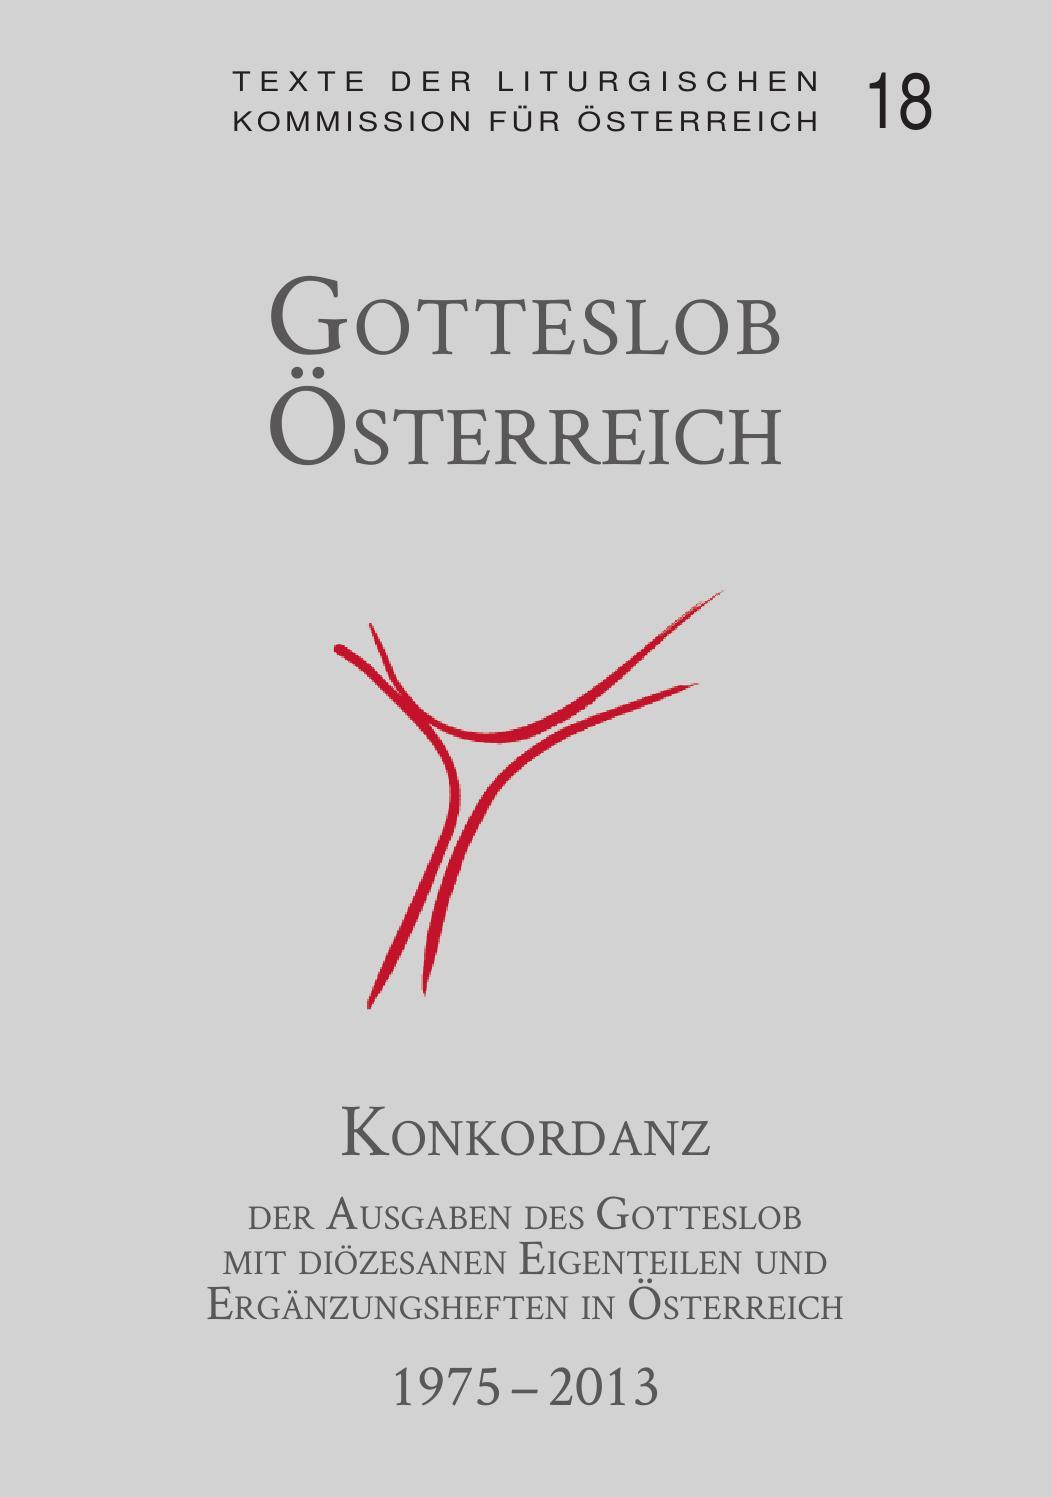 Konkordanz gl 1975 2013 by Katholische Kirche Österreich - issuu